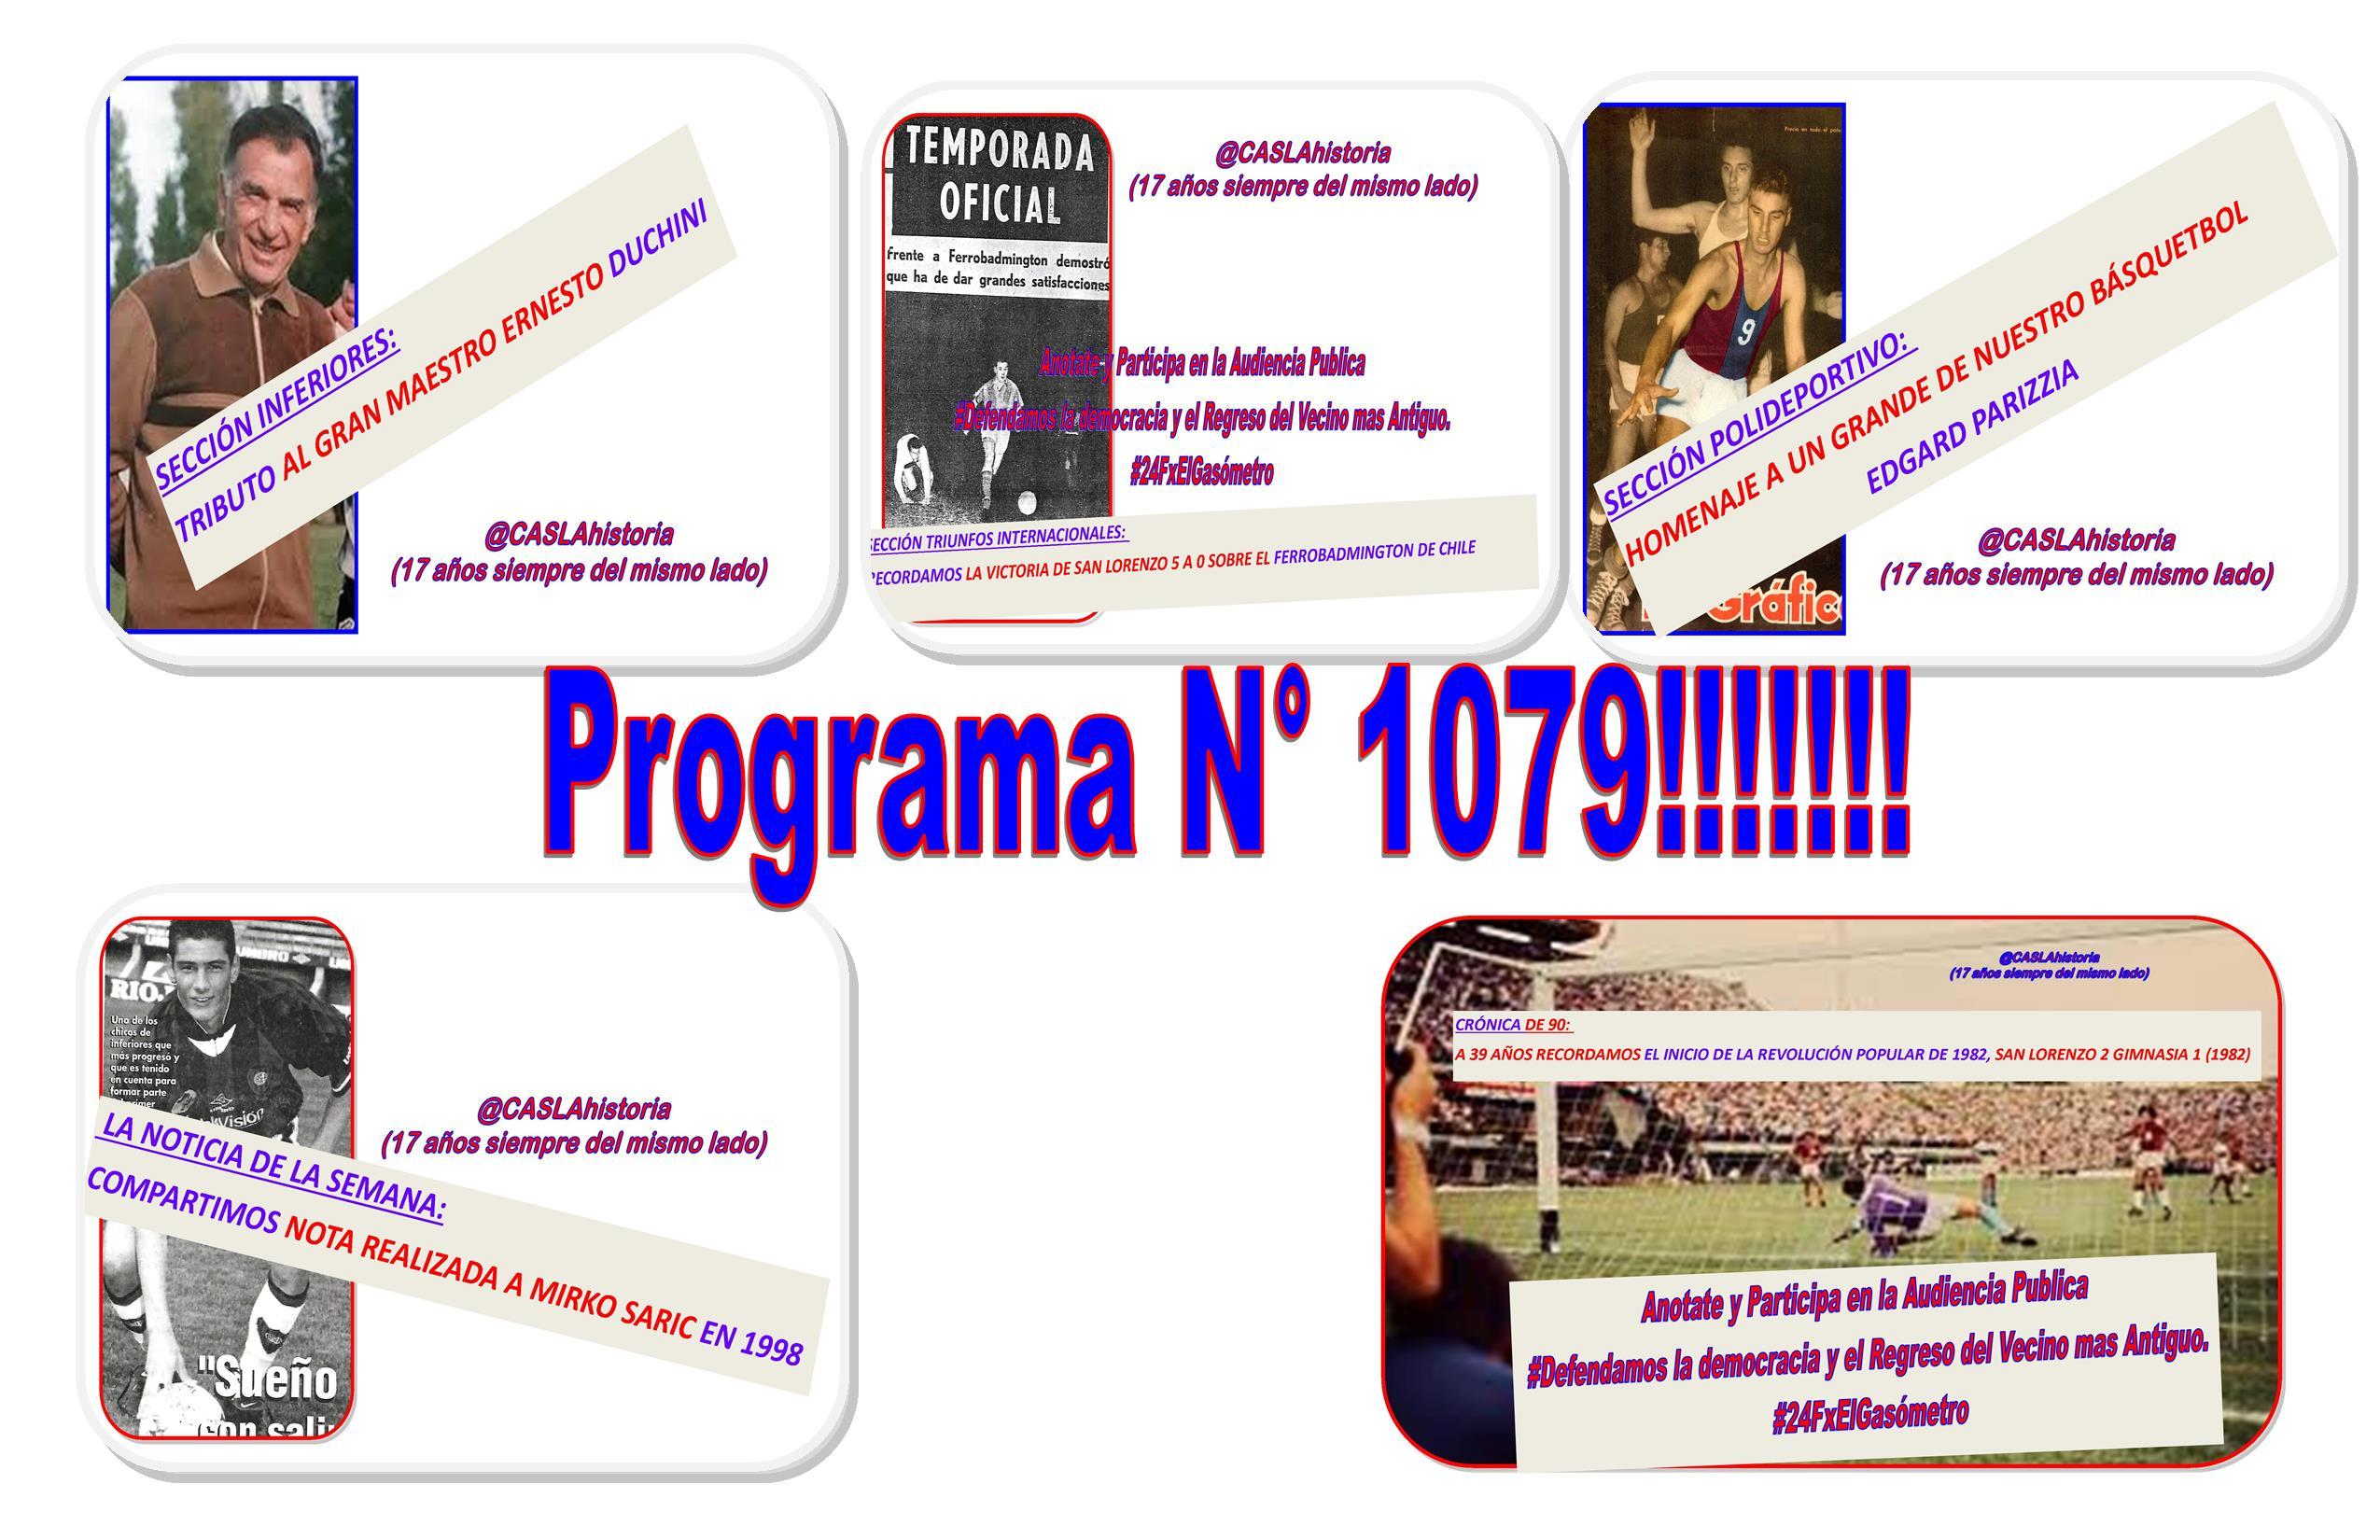 Programa N° 1079.»INICIO REVOLUCIÓN 1982,PARIZZIA,SARIC,DUCHINI Y 120 MIL «